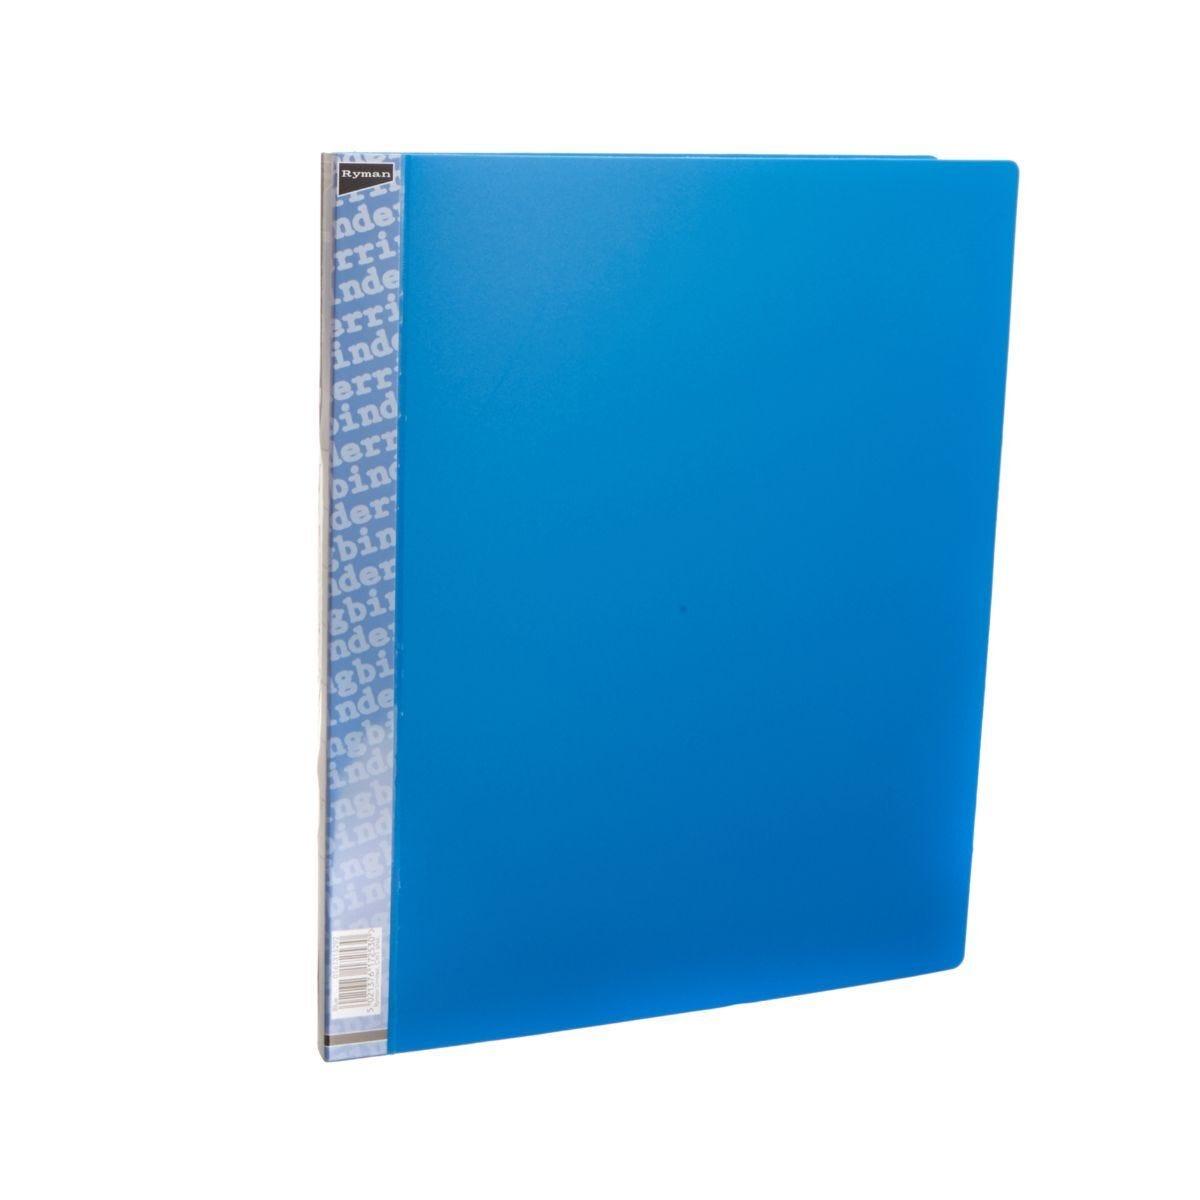 Ryman Ring Binder A4 16mm Blue